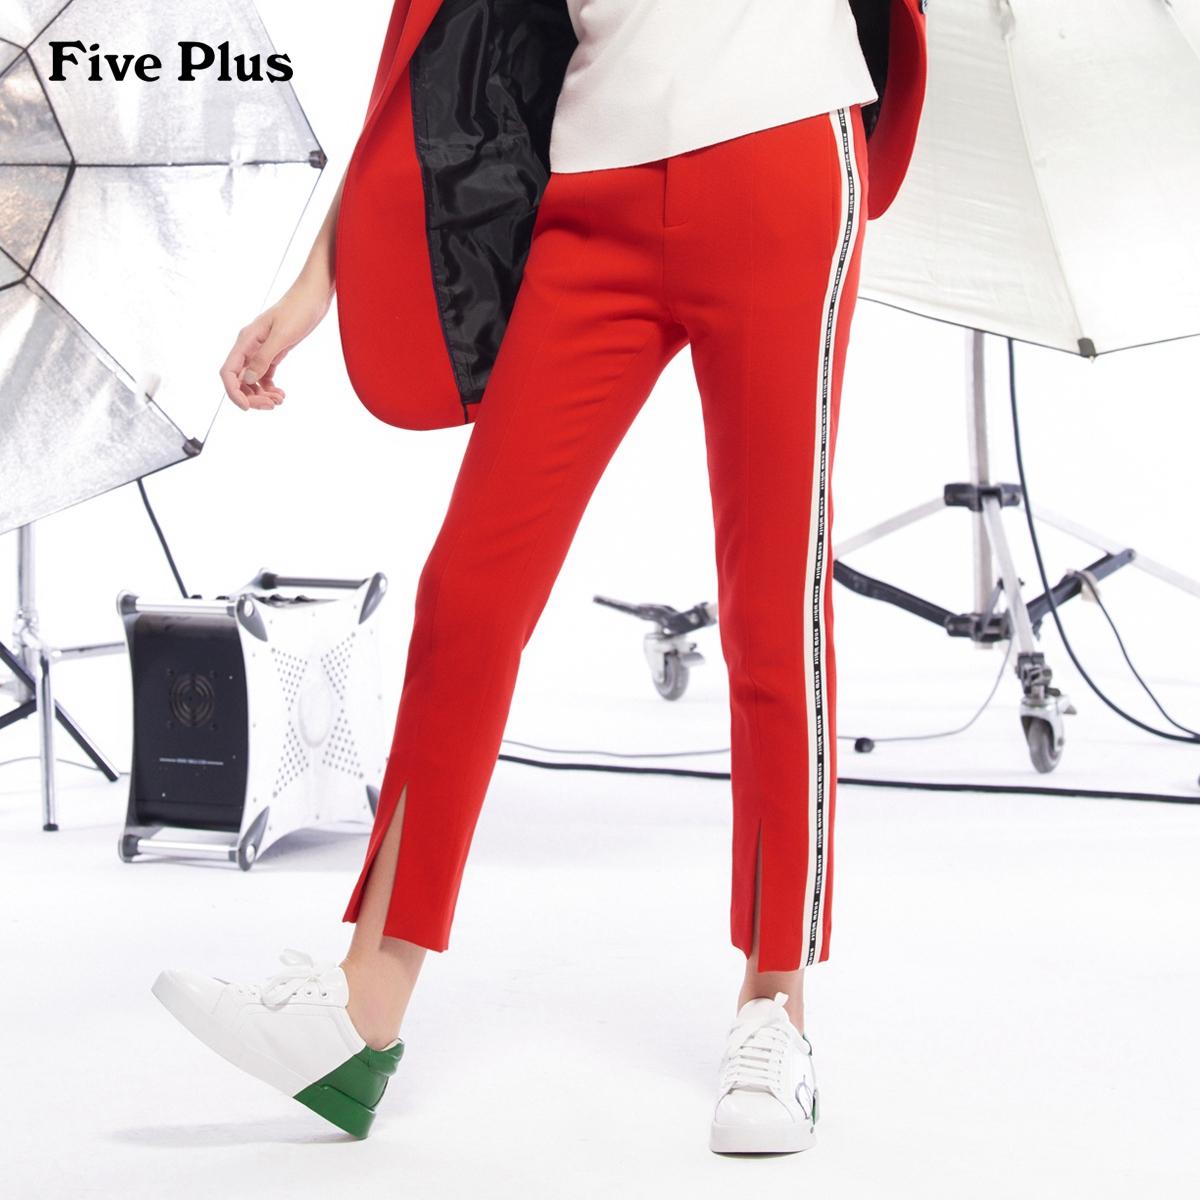 Five Plus女冬装运动长裤女条纹拼接高腰小脚休闲裤开叉撞色